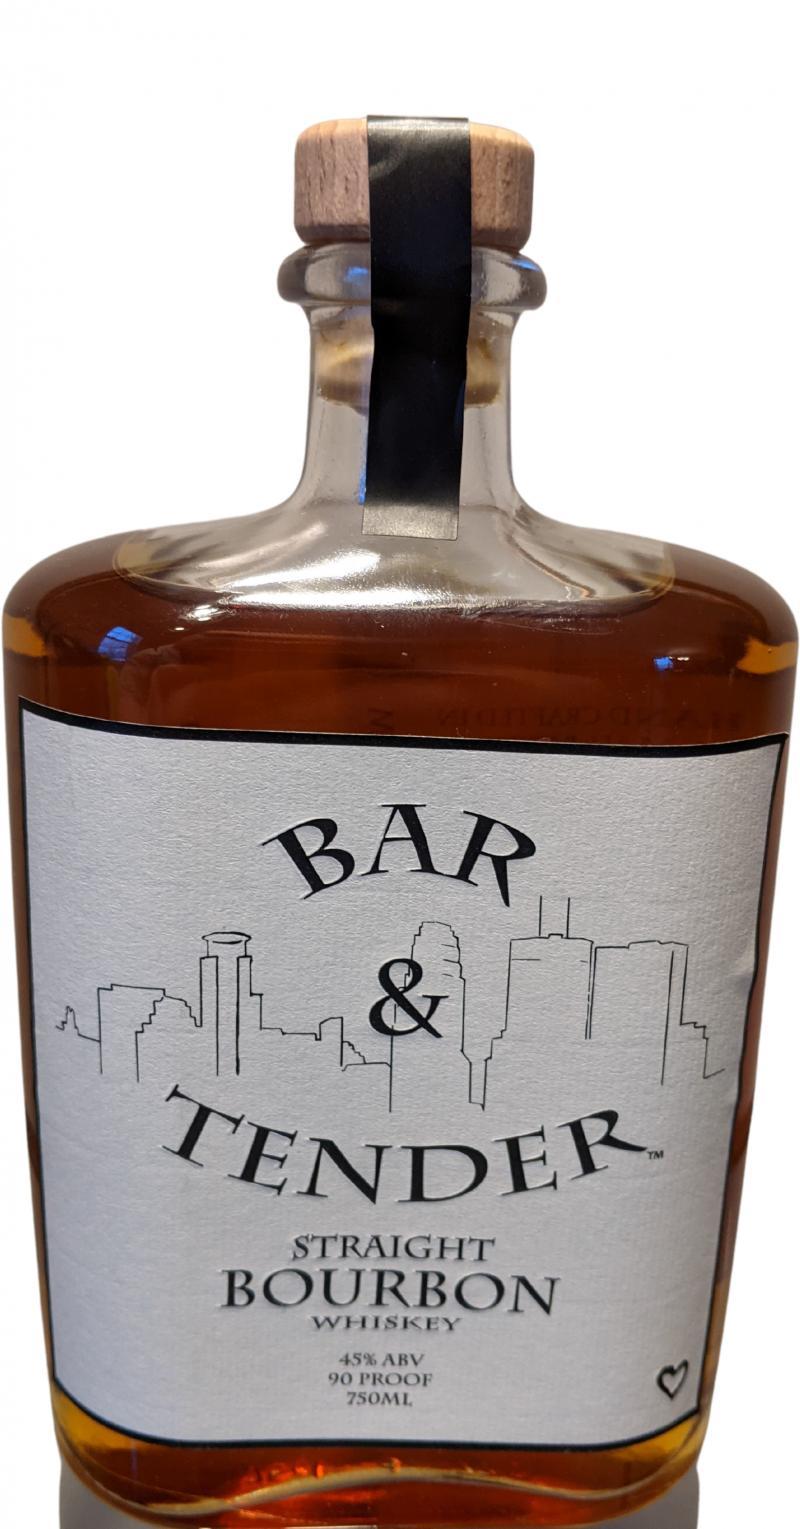 Bar & Tender Straight Bourbon Whiskey